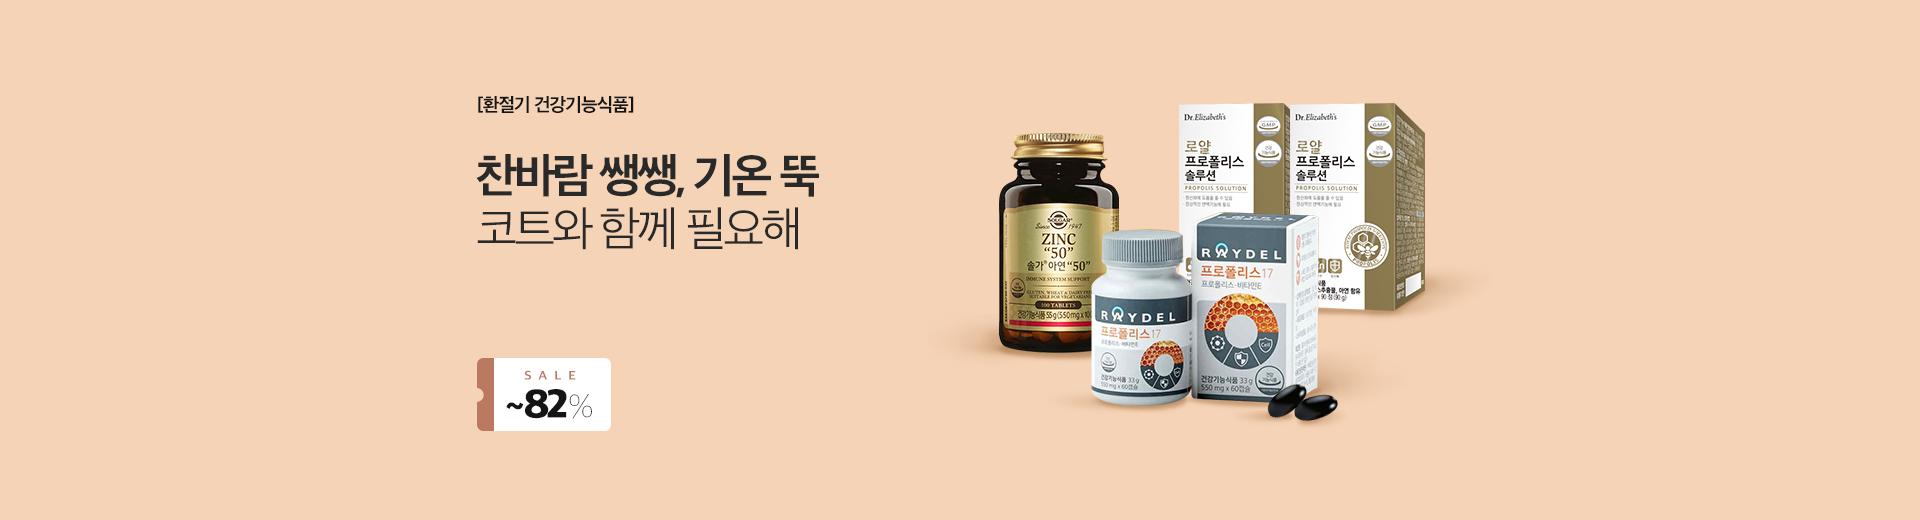 환절기 건강기능식품